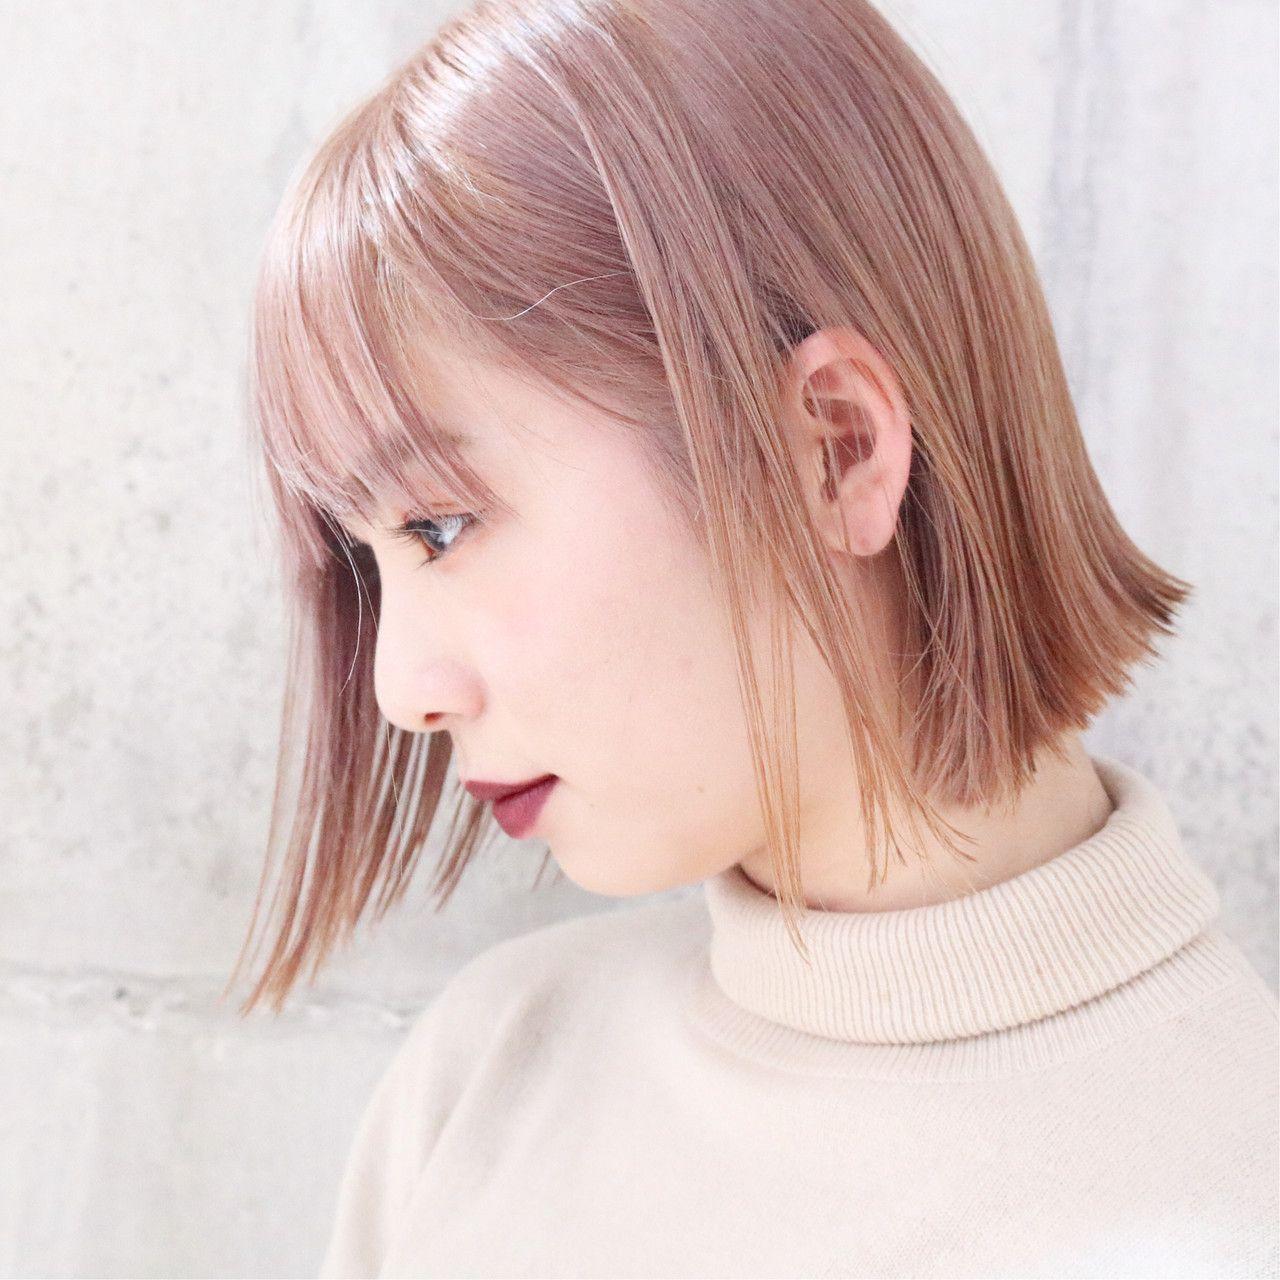 ブリーチなしでも発色キレイ ピンクベージュカラー特集 Hair 髪